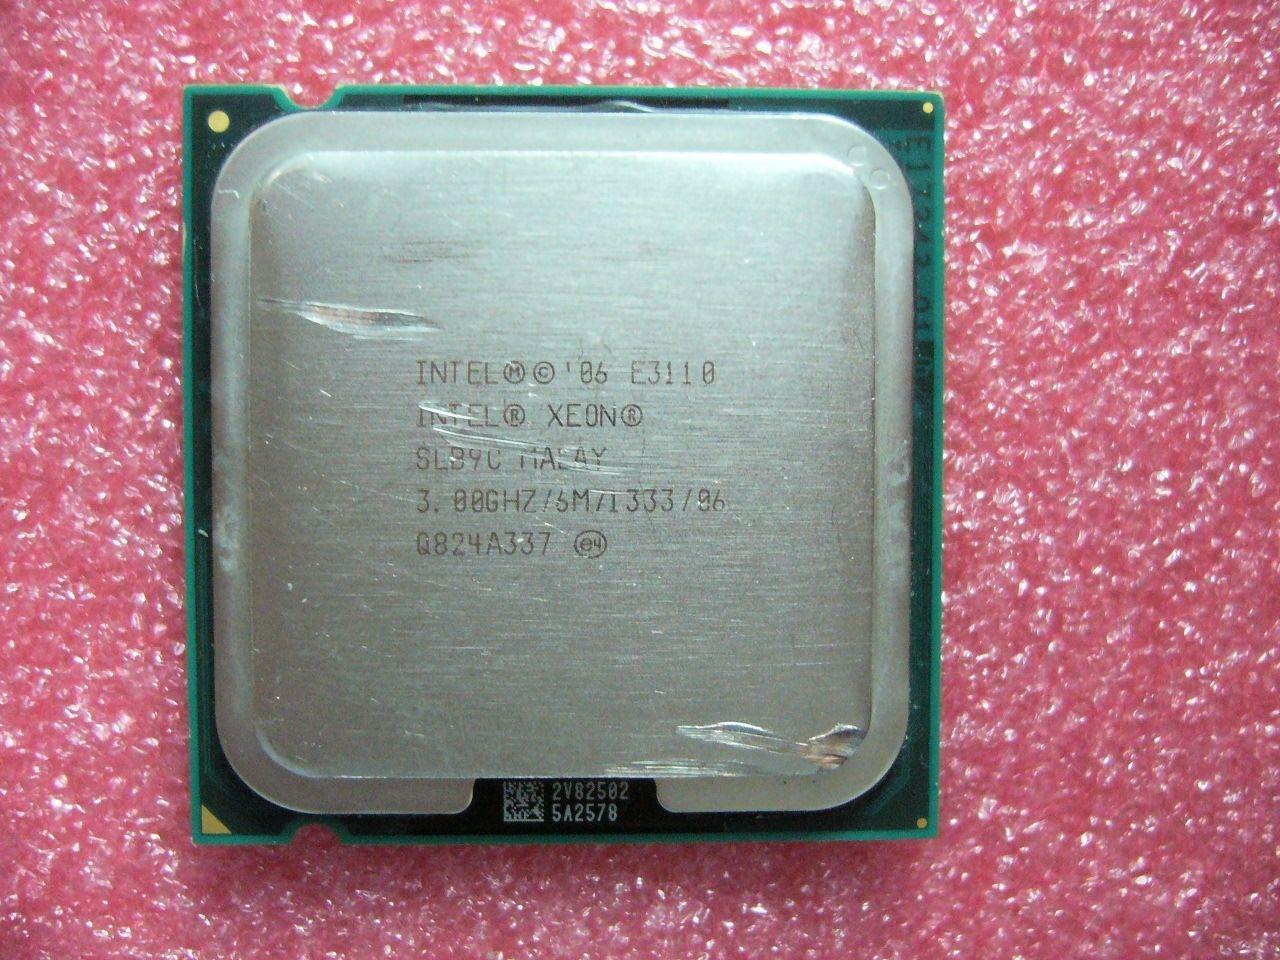 CANT. 1x CPU INTEL Xeon E3110 3.0GHz / 6MB / 1333Mhz LGA775 SLAPM SLB9C